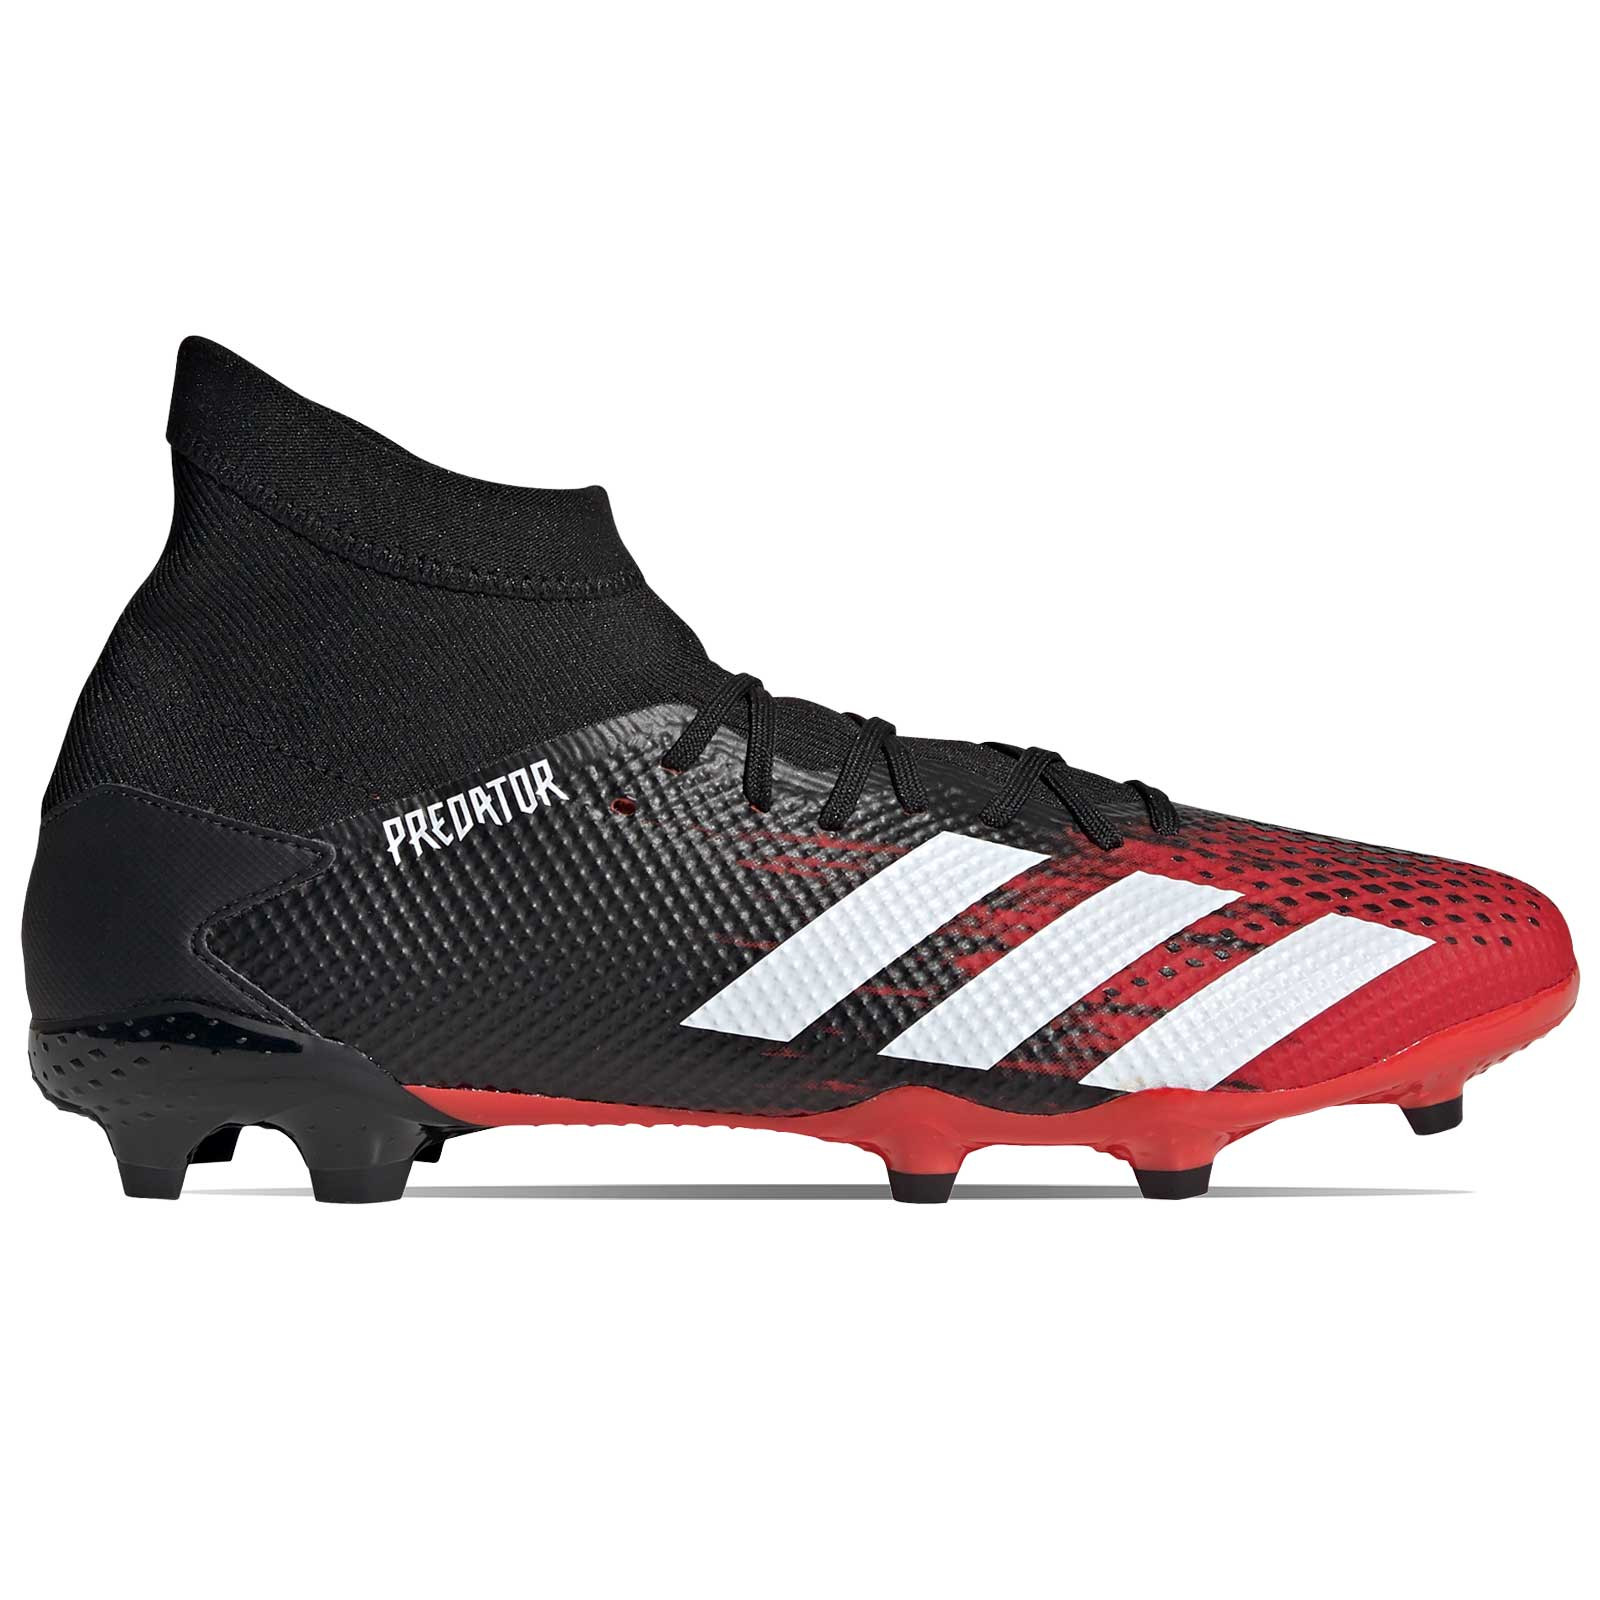 Para llevar Impresionismo tema  Botas adidas Predator 20.3 FG rojas y negras | futbolmania